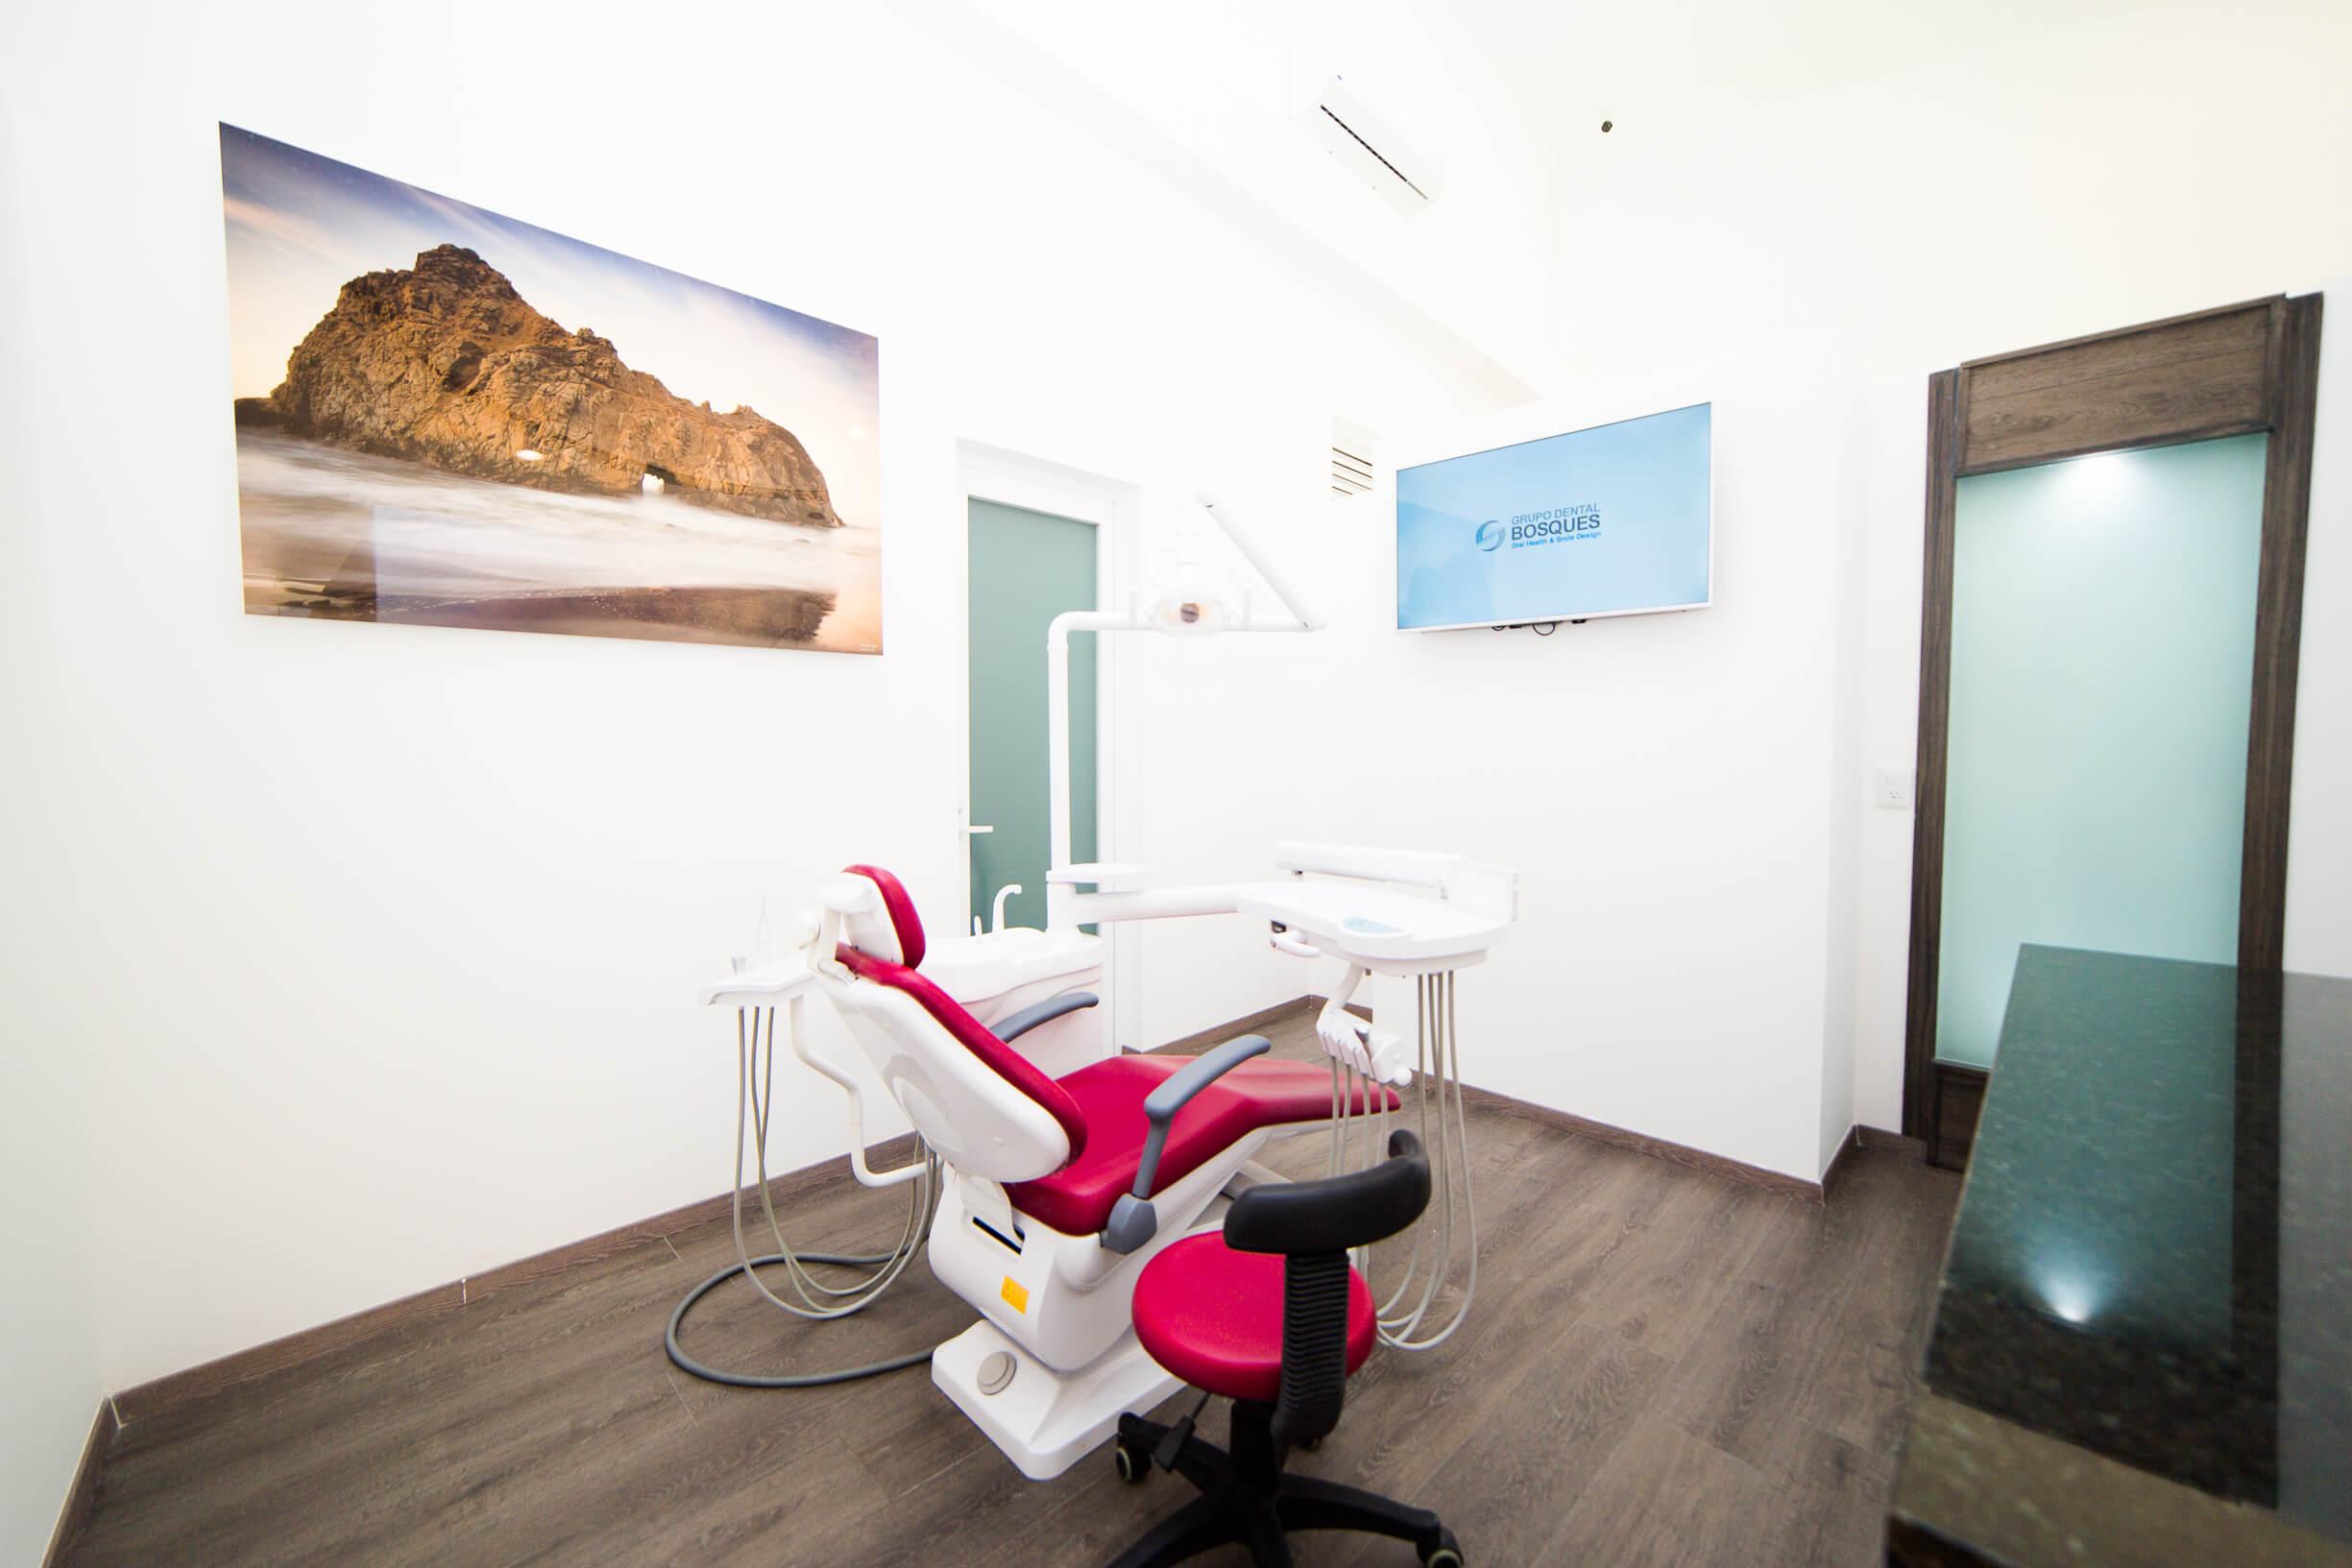 dentista leon - grupo dental bosques 4